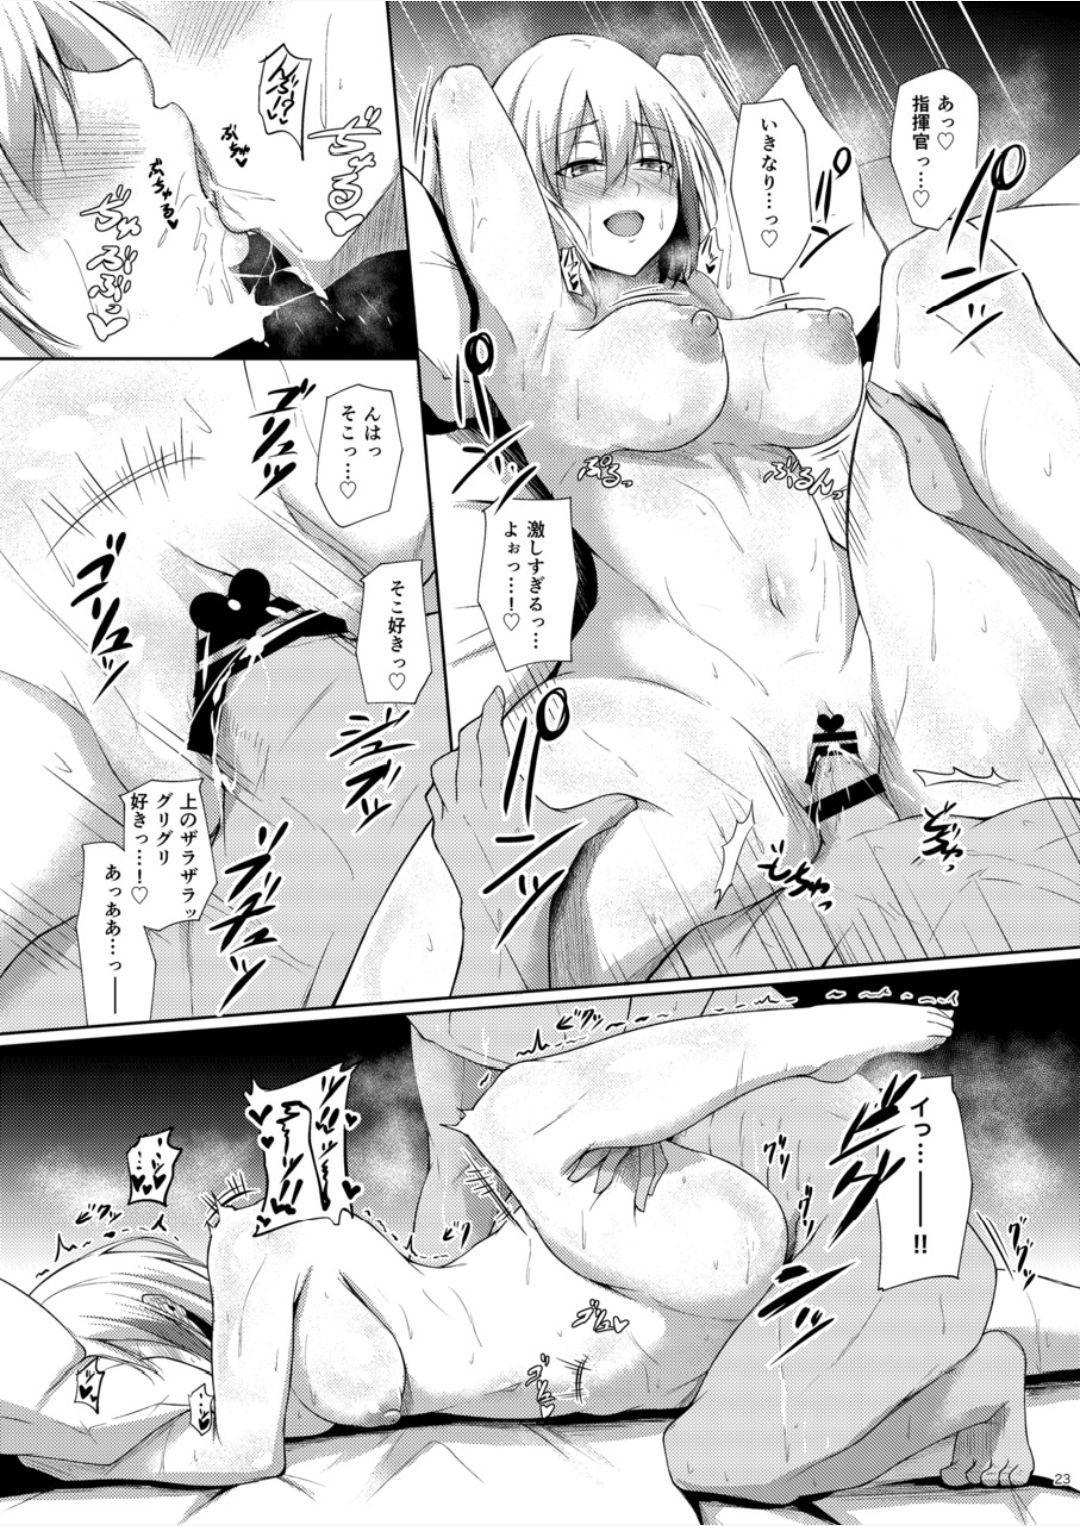 Afureru Kurai, Kimi ga Suki. San 22